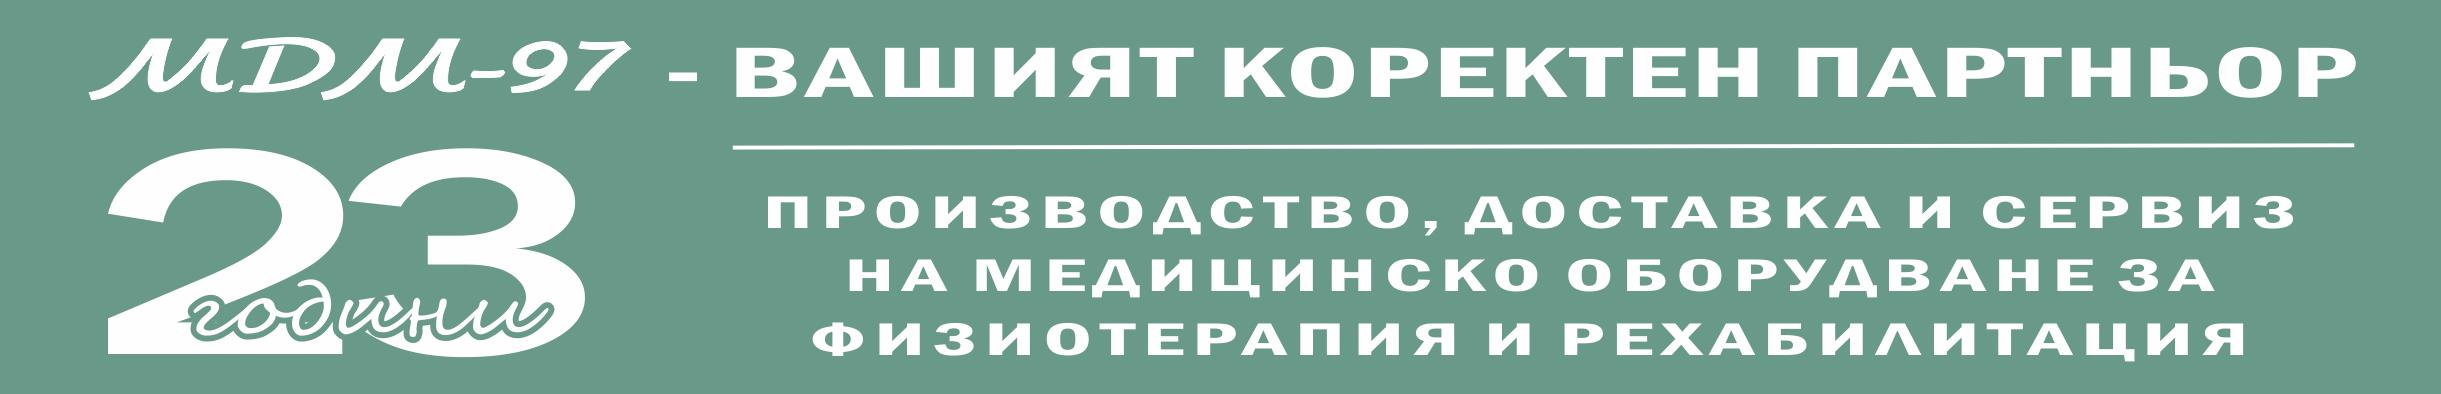 МДМ-97 банер